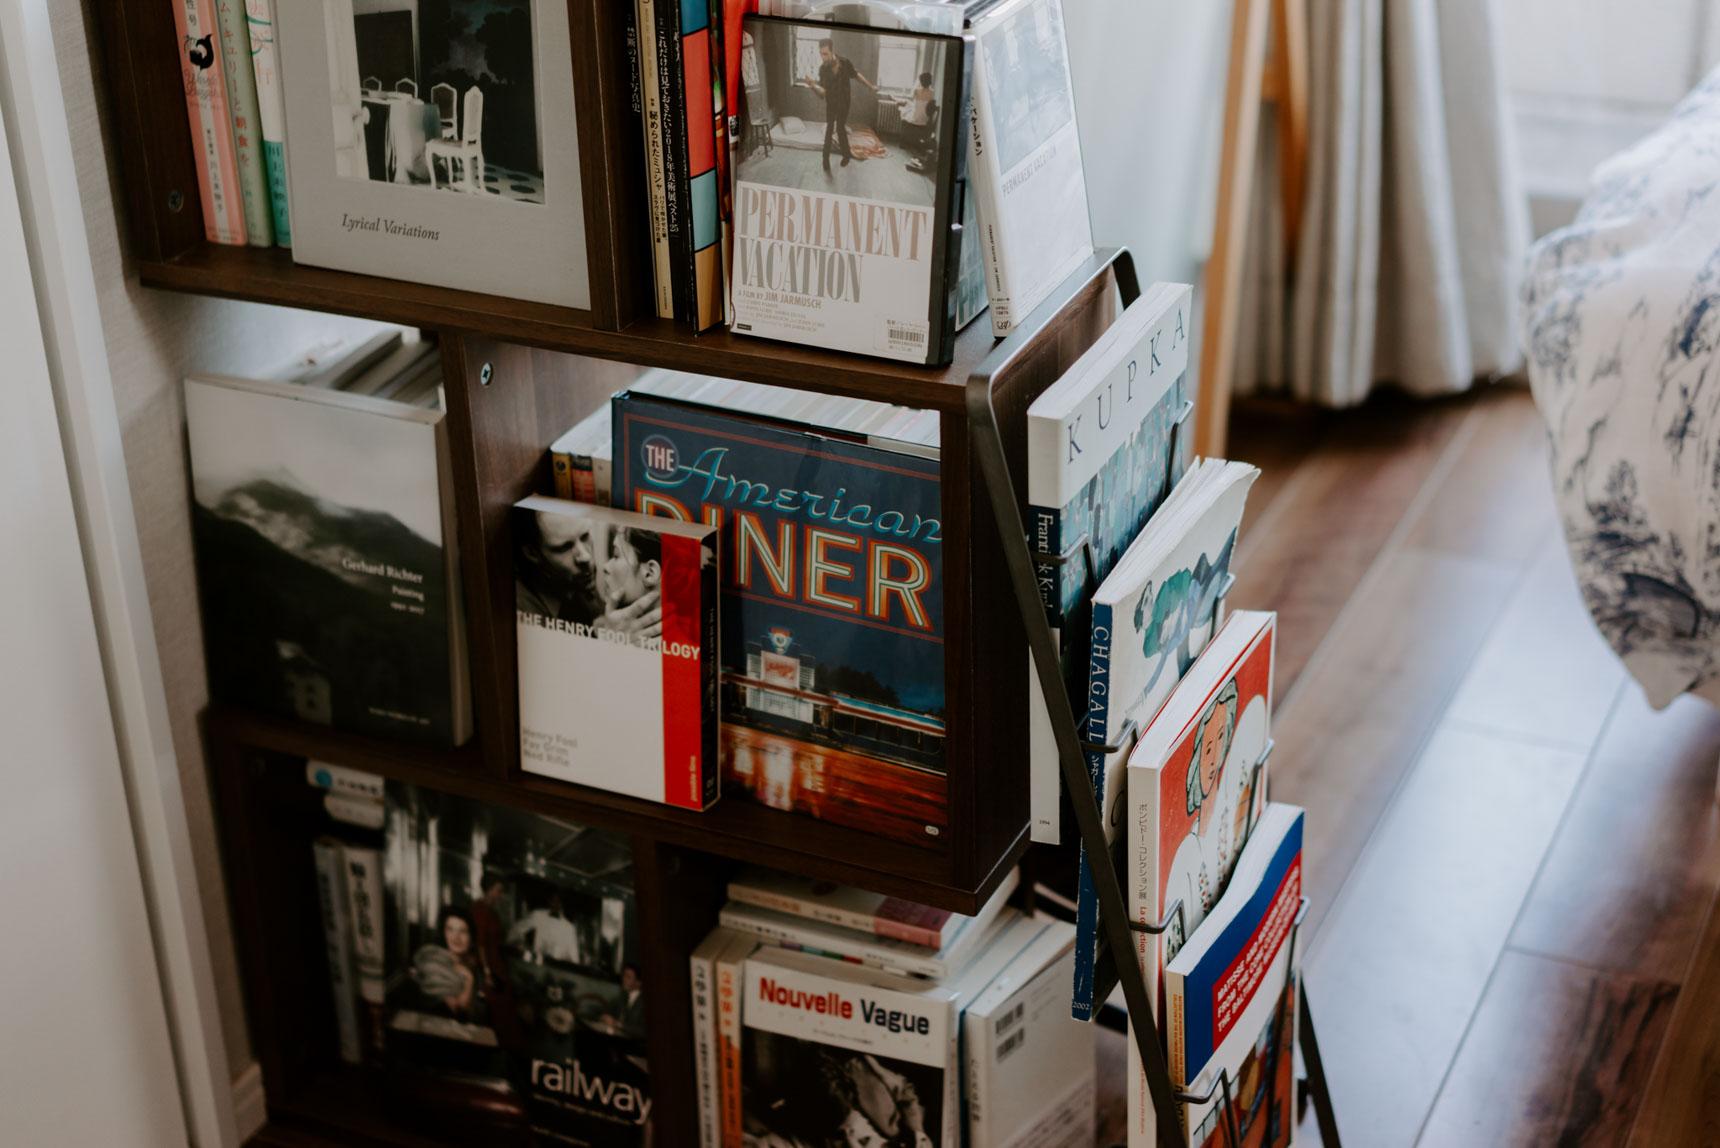 ネットで見つけた「縦にも横にも置ける本棚」は、収納にも間仕切りにもなり重宝しているそう。気に入っている本を面陳することで、すっきりとみせています。